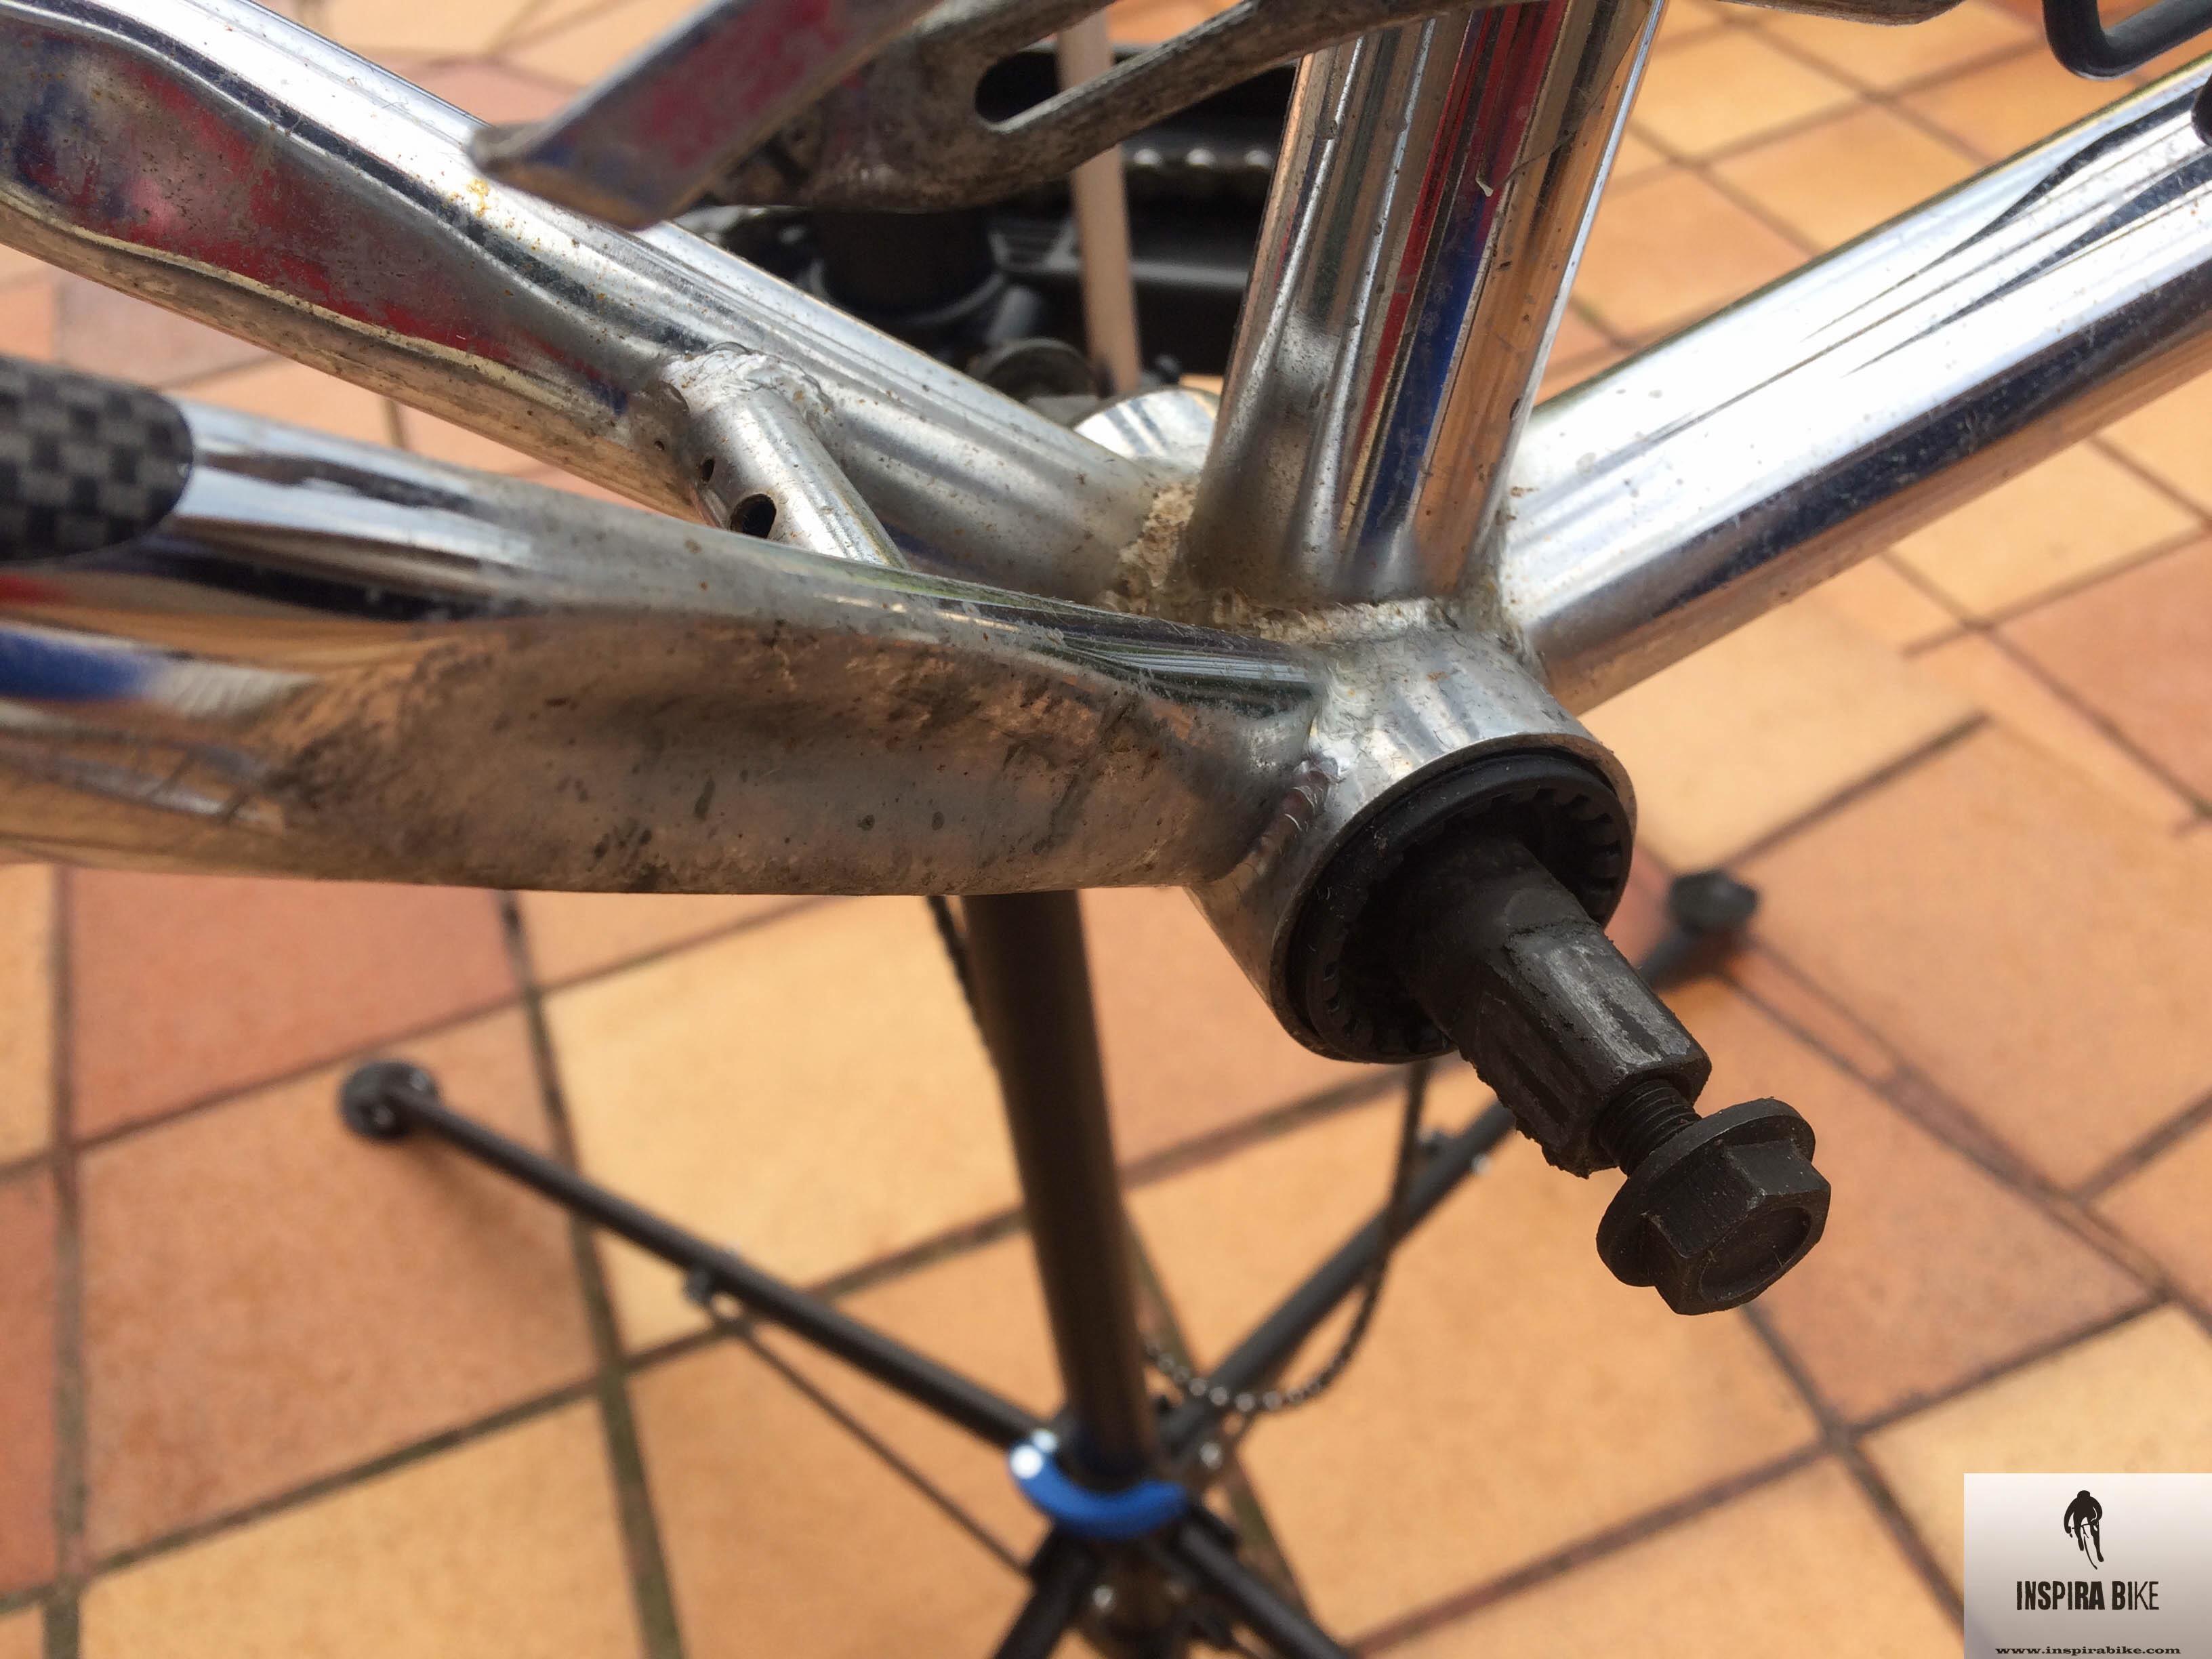 Limpiar cuadro cromado – Sunn 4003R – Inspira Bike